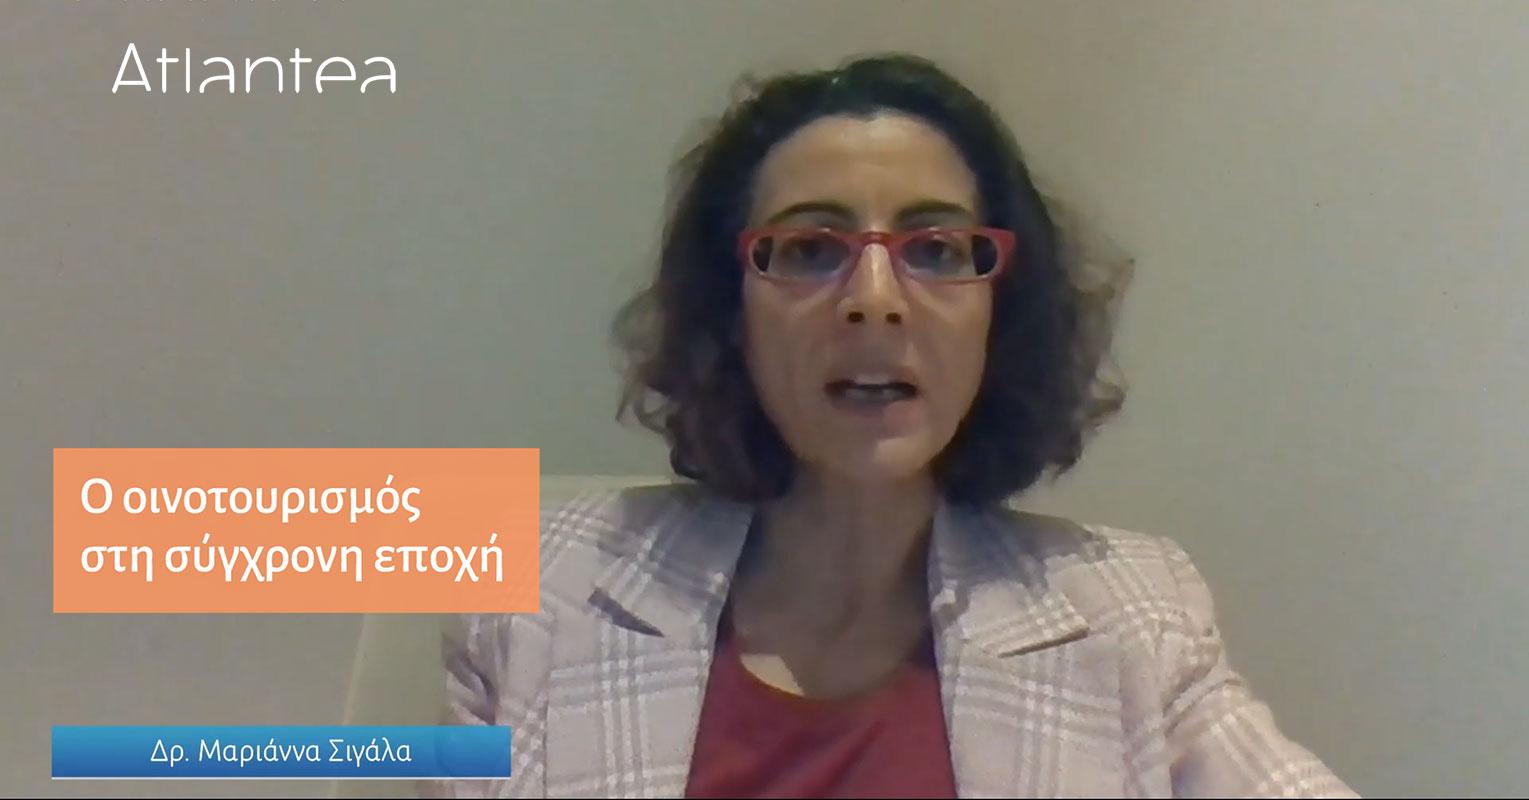 Βίντεο: Η Μαριάννα Σιγάλα για τον οινοτουρισμό στη σύγχρονη εποχή